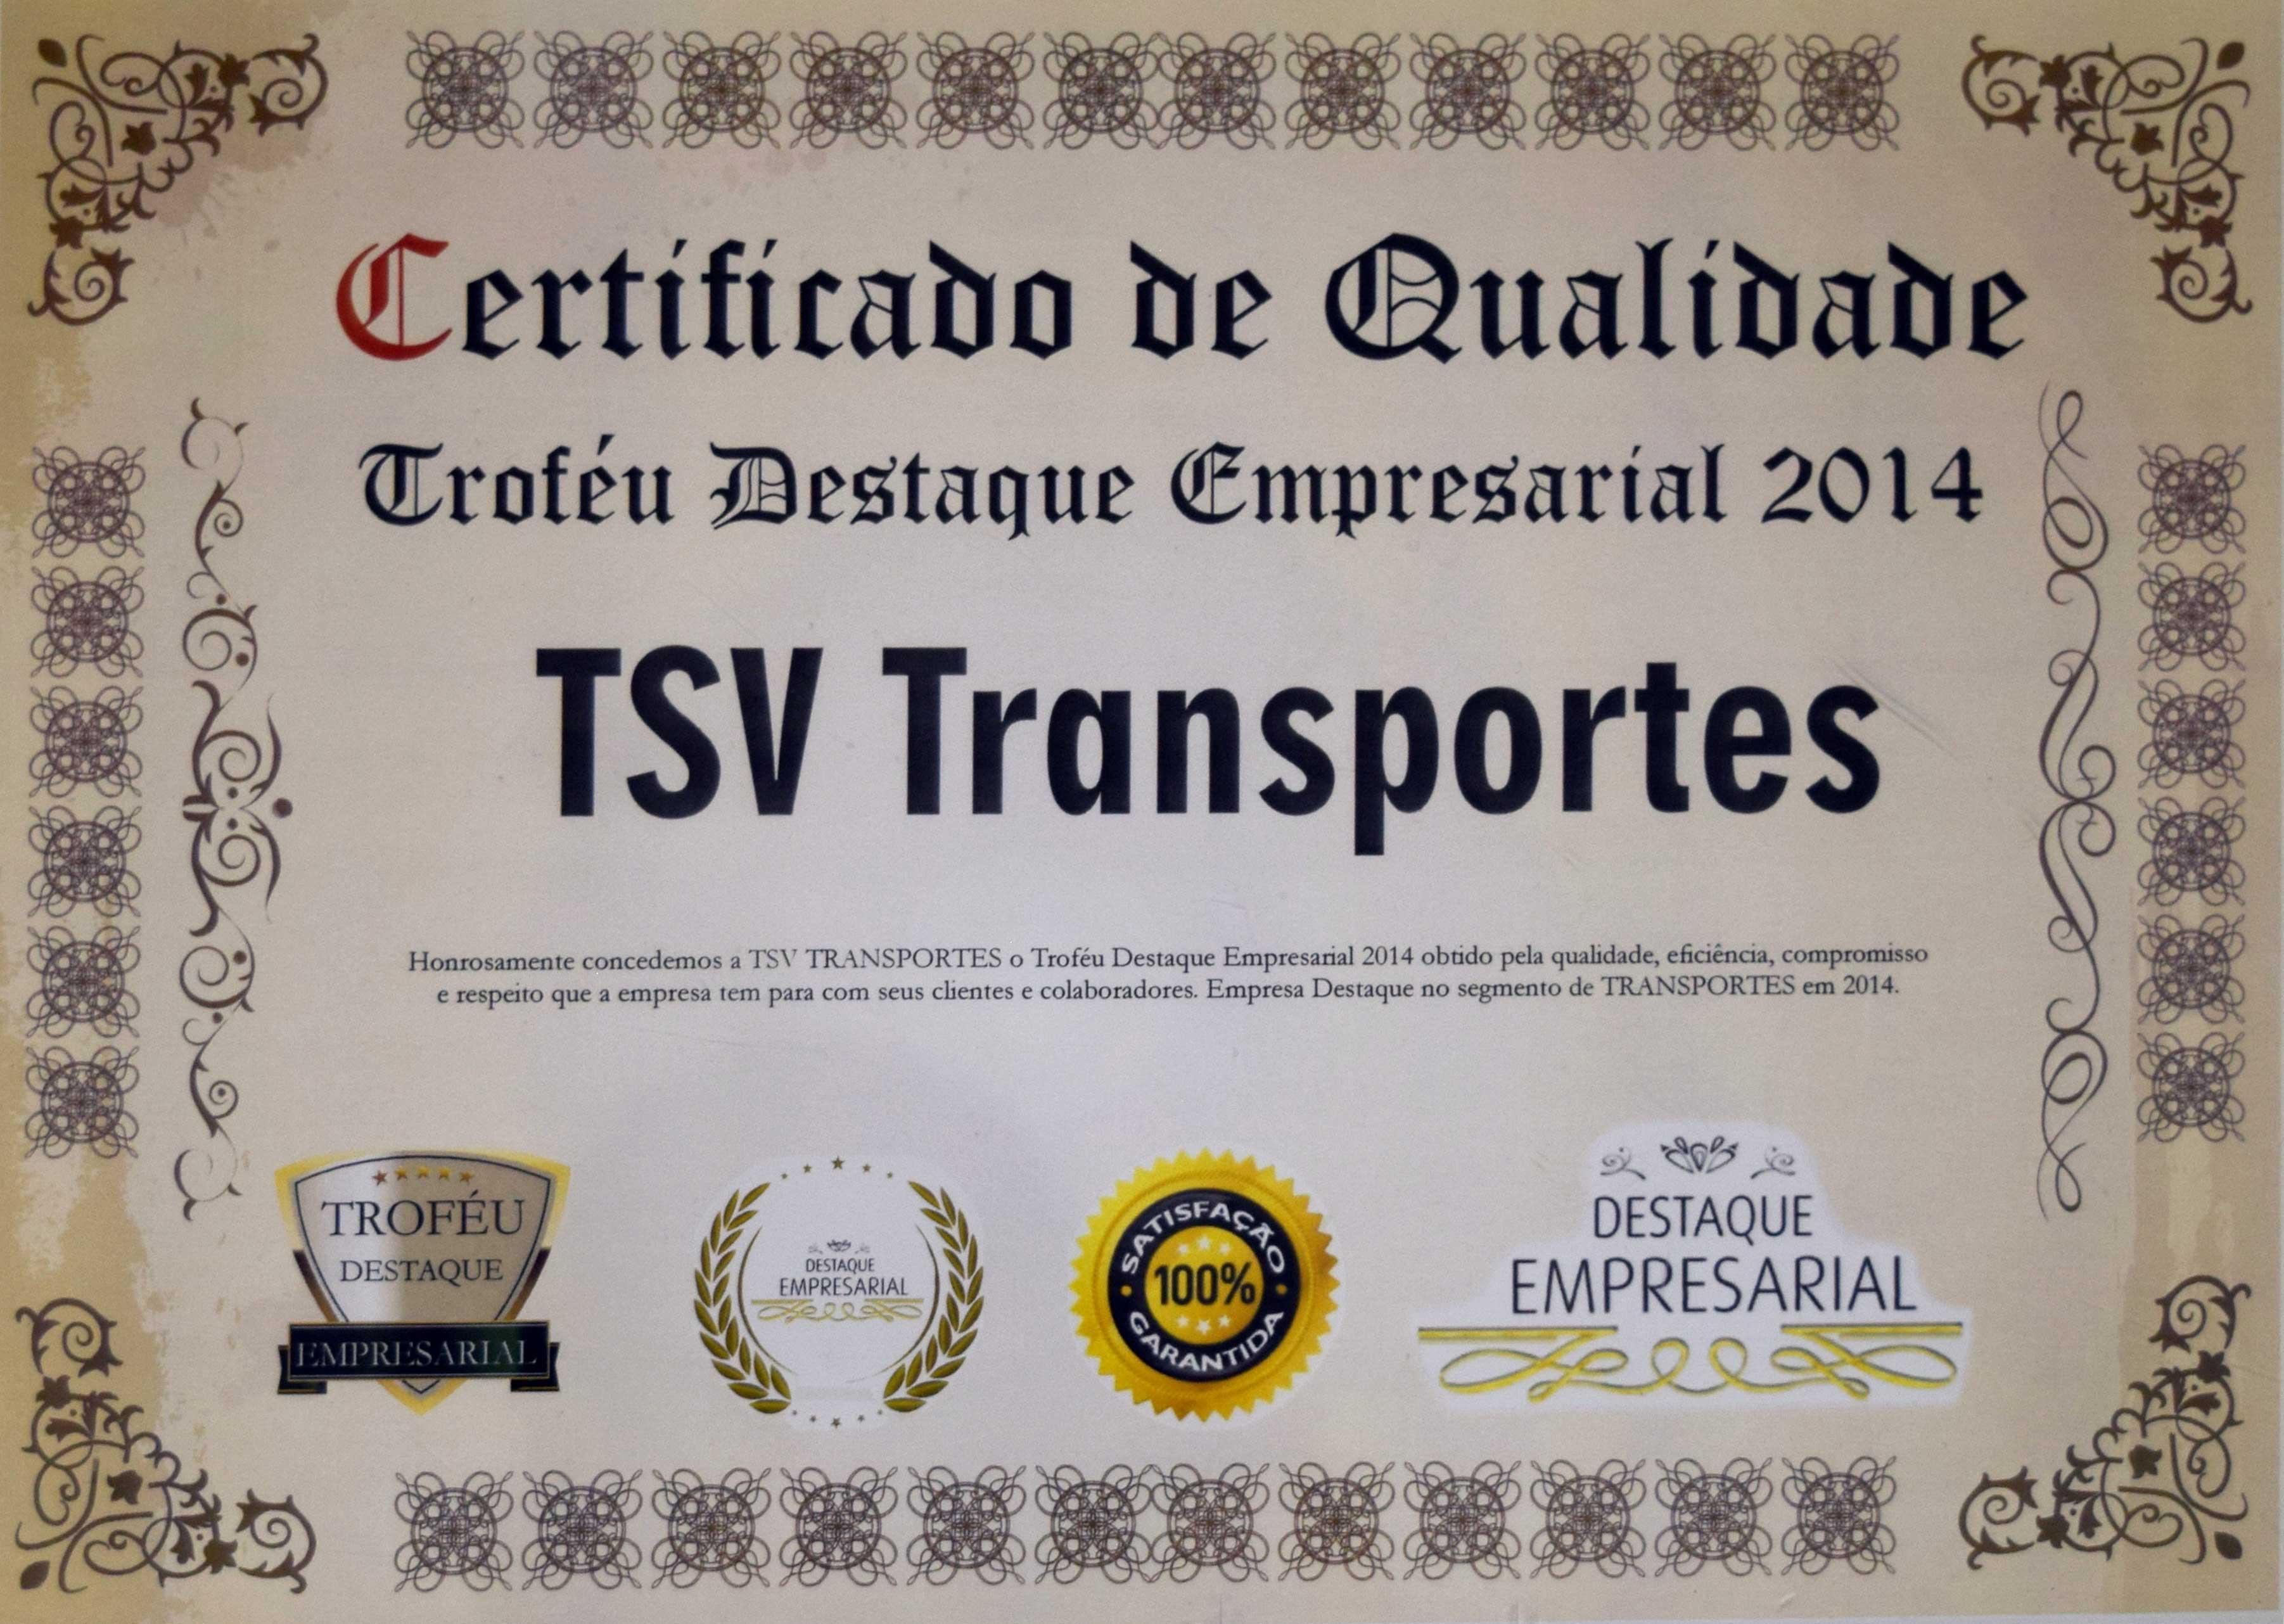 http://www.tsvtransportes.com.br/wp-content/uploads/2018/09/DSC_0224.jpg